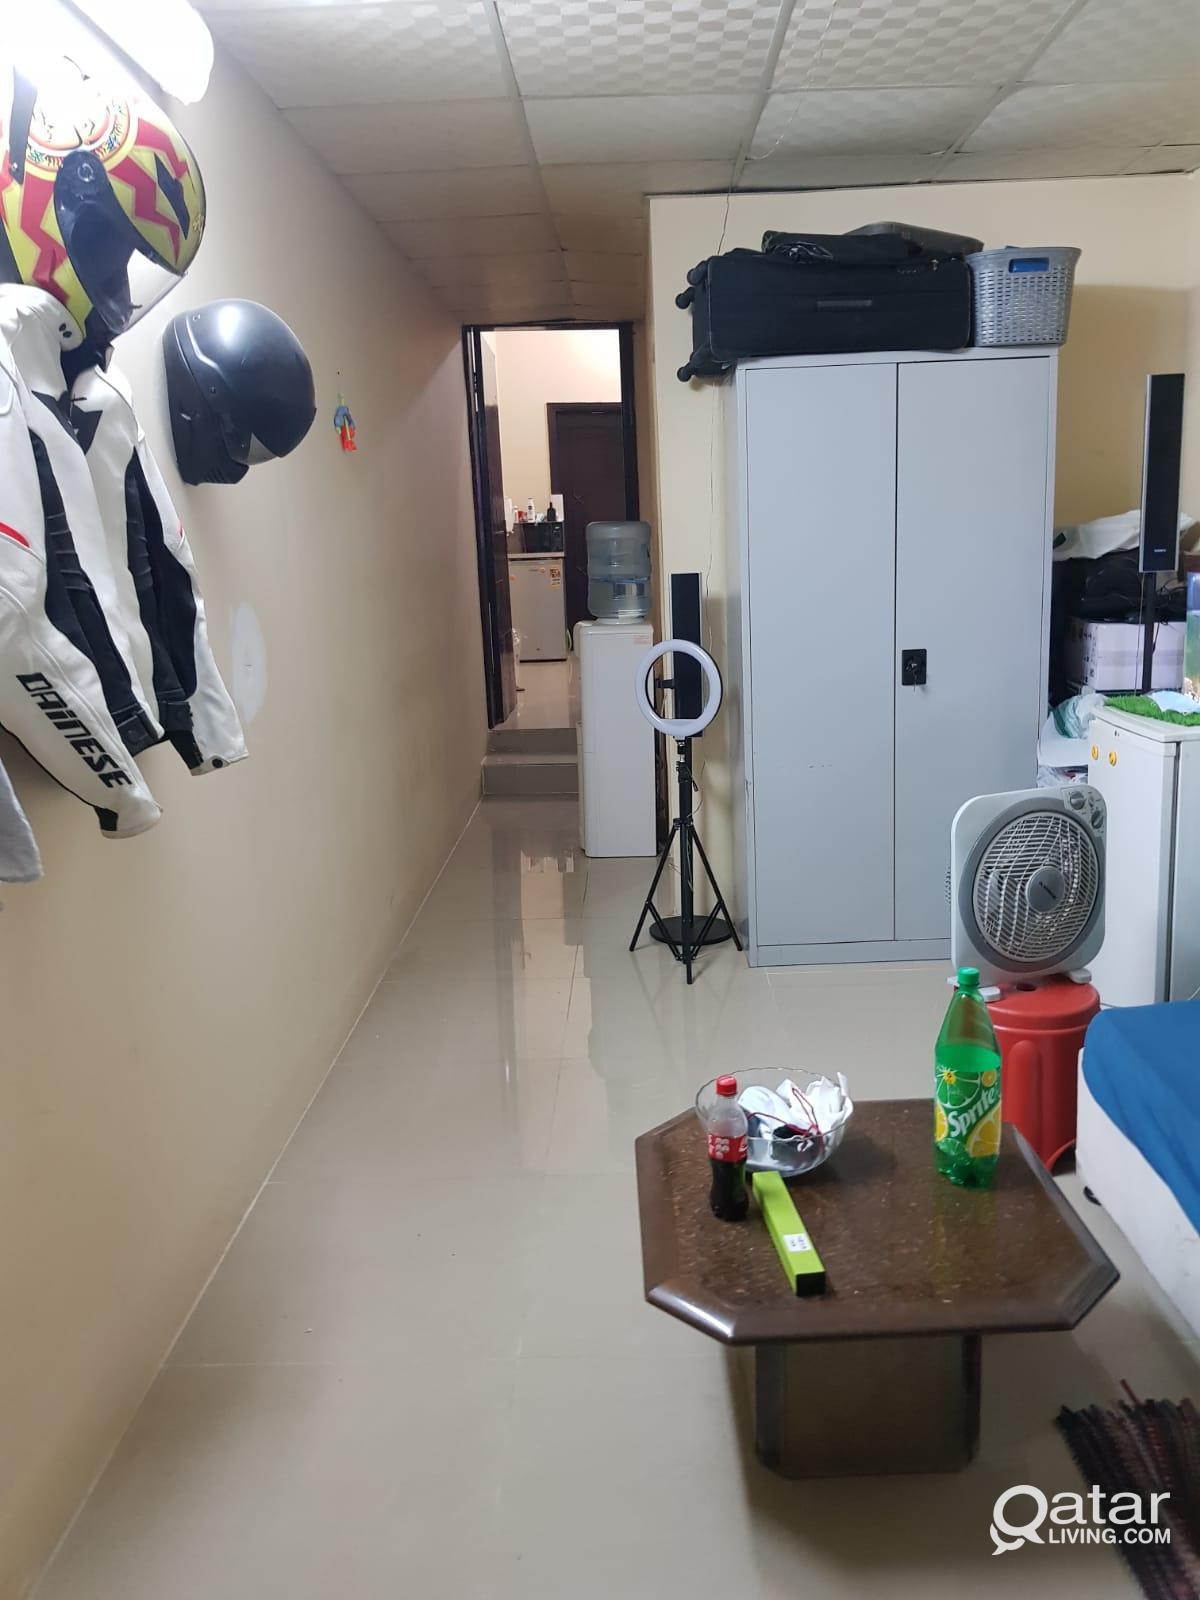 FAMILY ACCOMODATION AT HILAL NUIJA, NEAR MAMOURA C